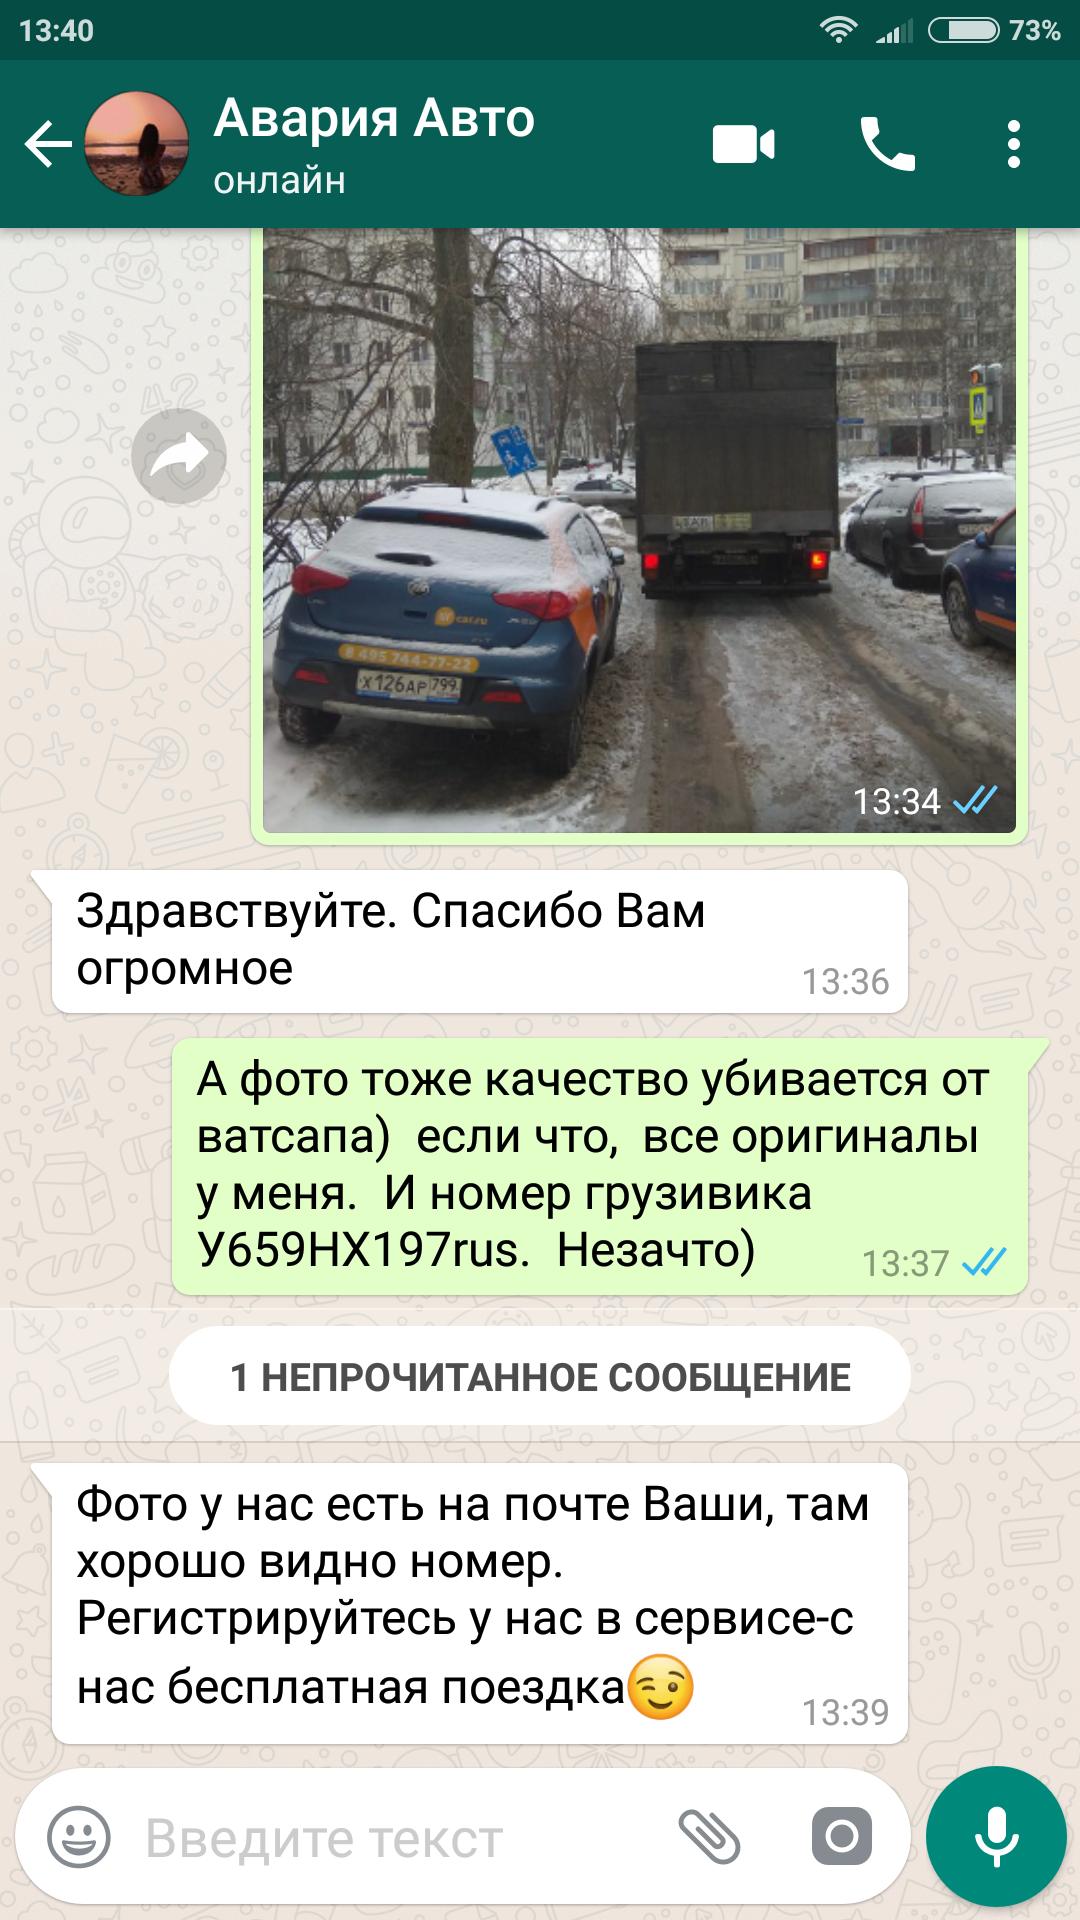 пост порно русское бесплатно с мобильных так Ветер выдует